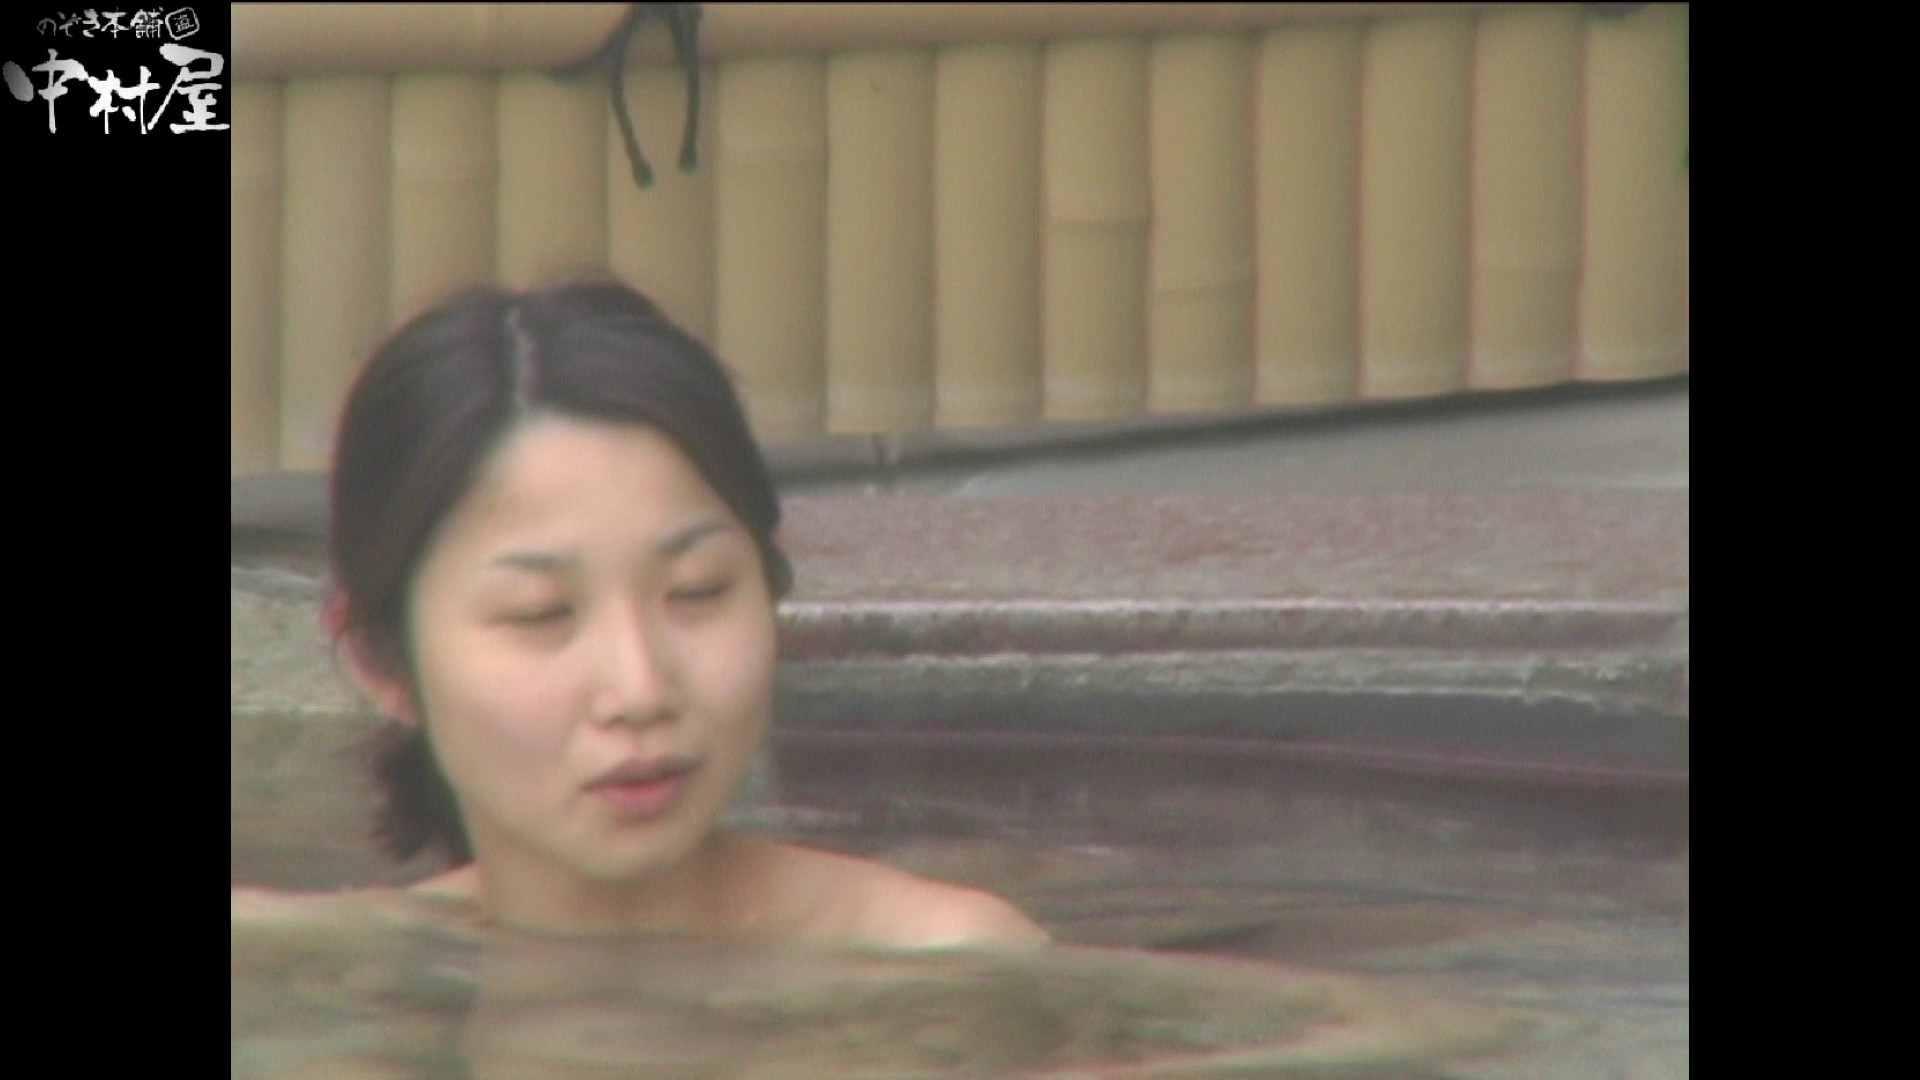 Aquaな露天風呂Vol.898 盗撮シリーズ  110PIX 4